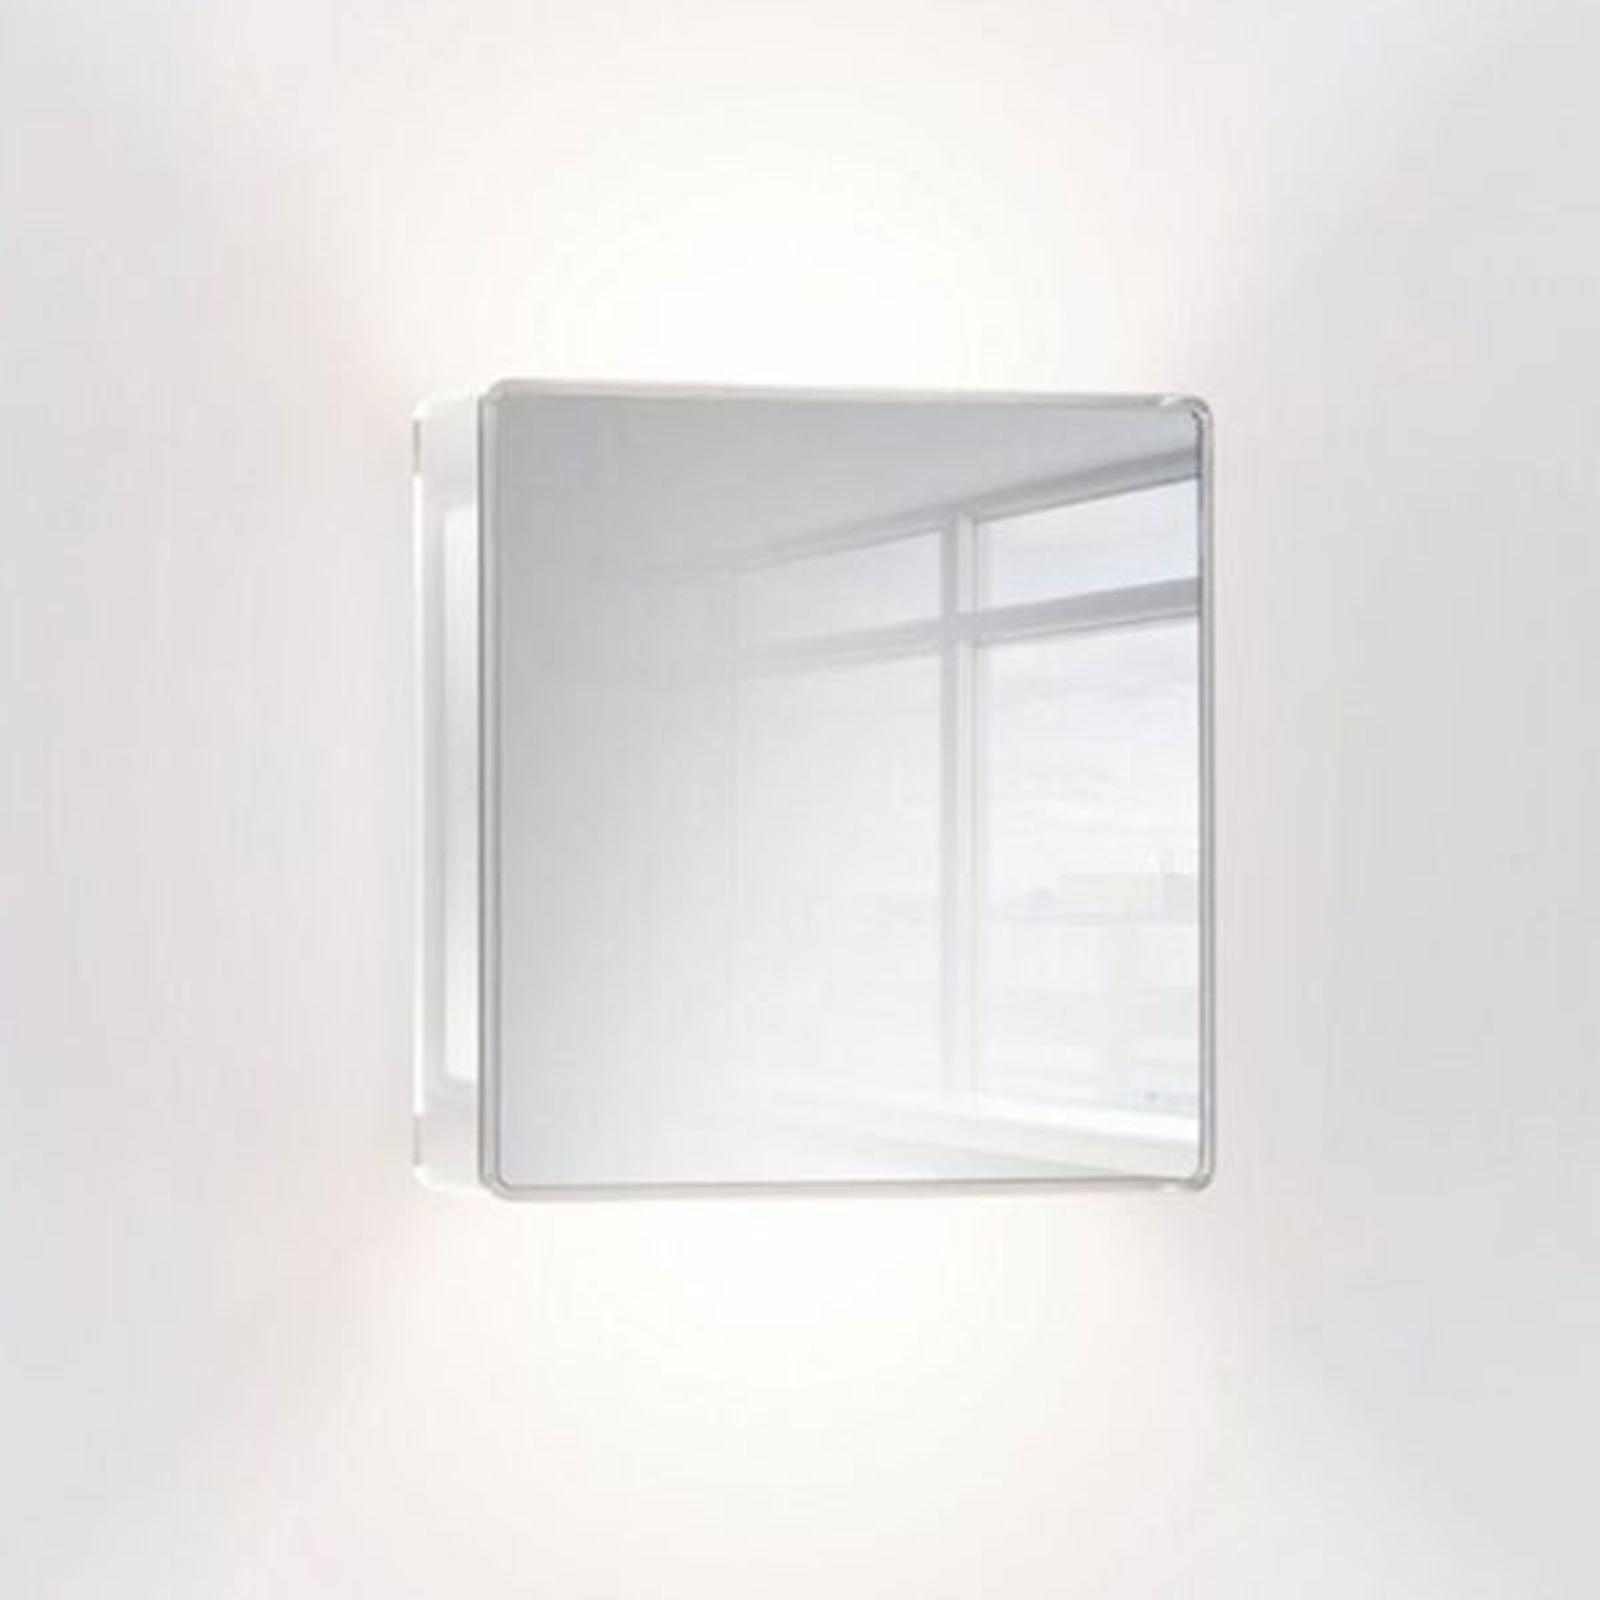 Applique LED de designer App avec surface miroir